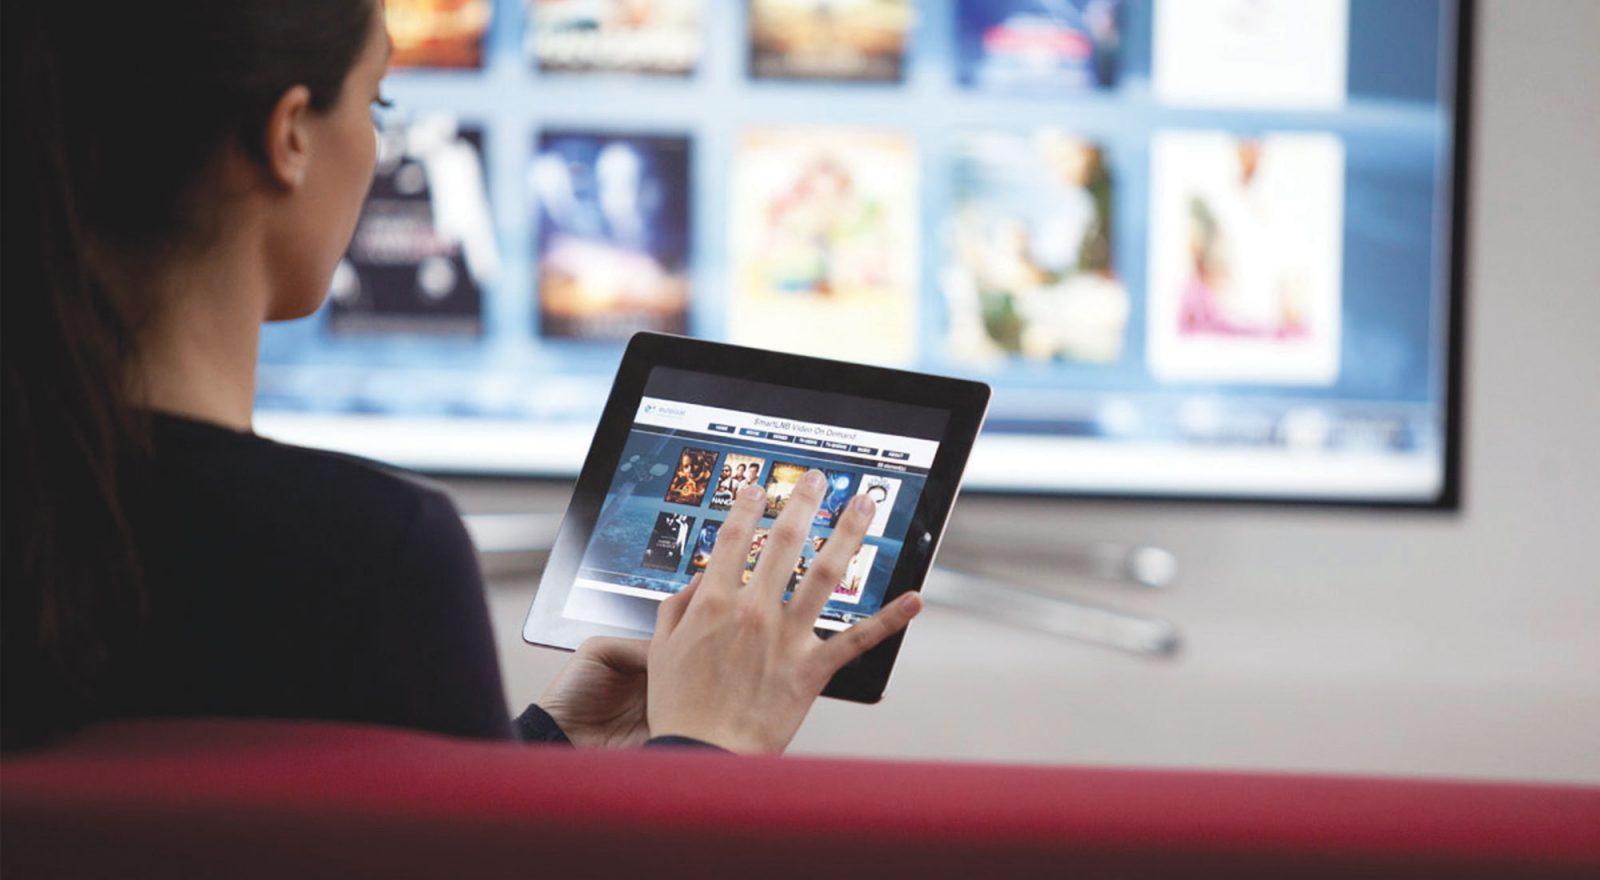 Девушка выбирает фильмы на планшете